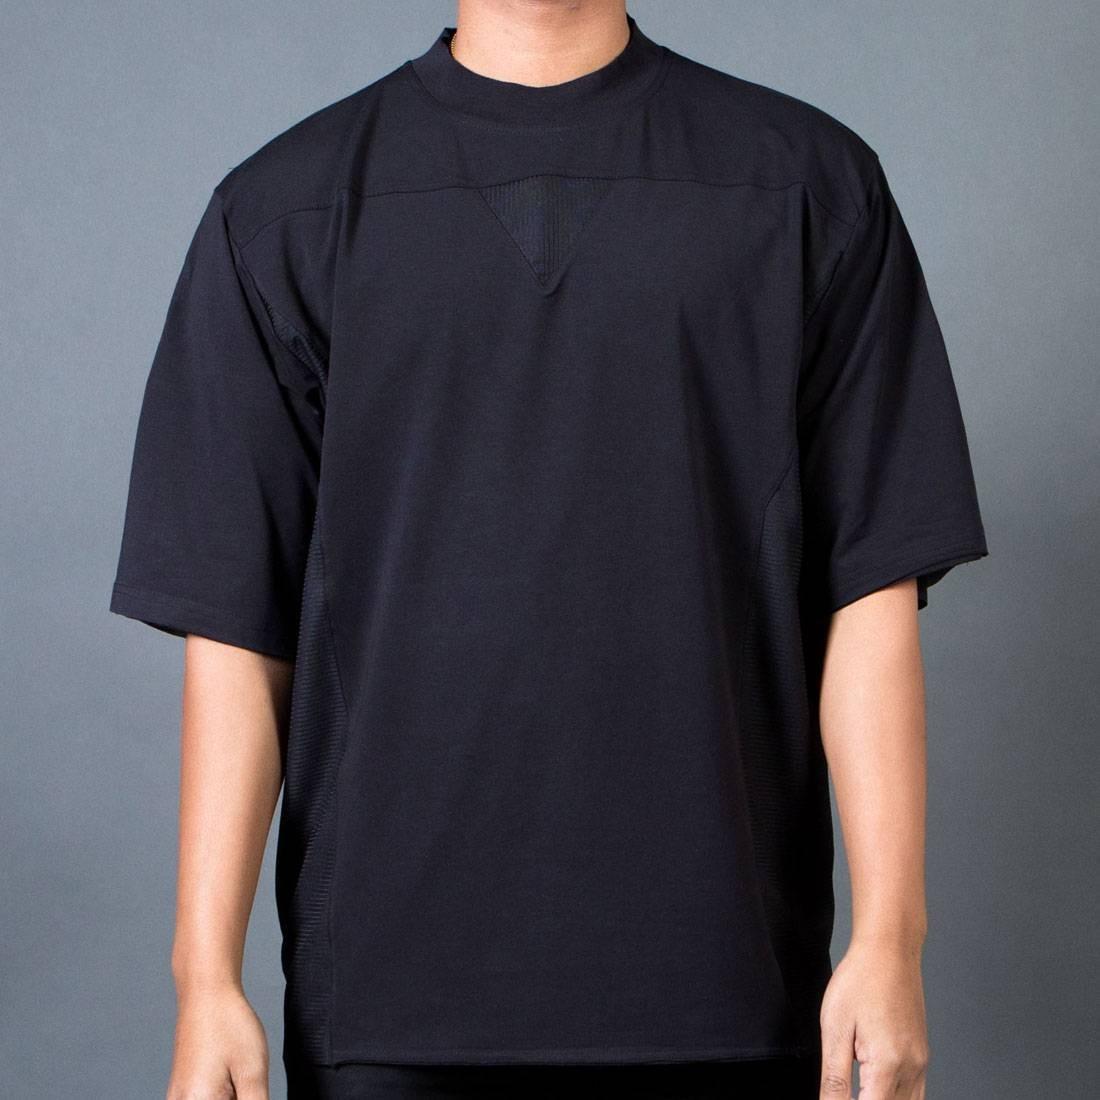 Adidas Y-3 Men Nomadic Short Sleeve Tee (black)